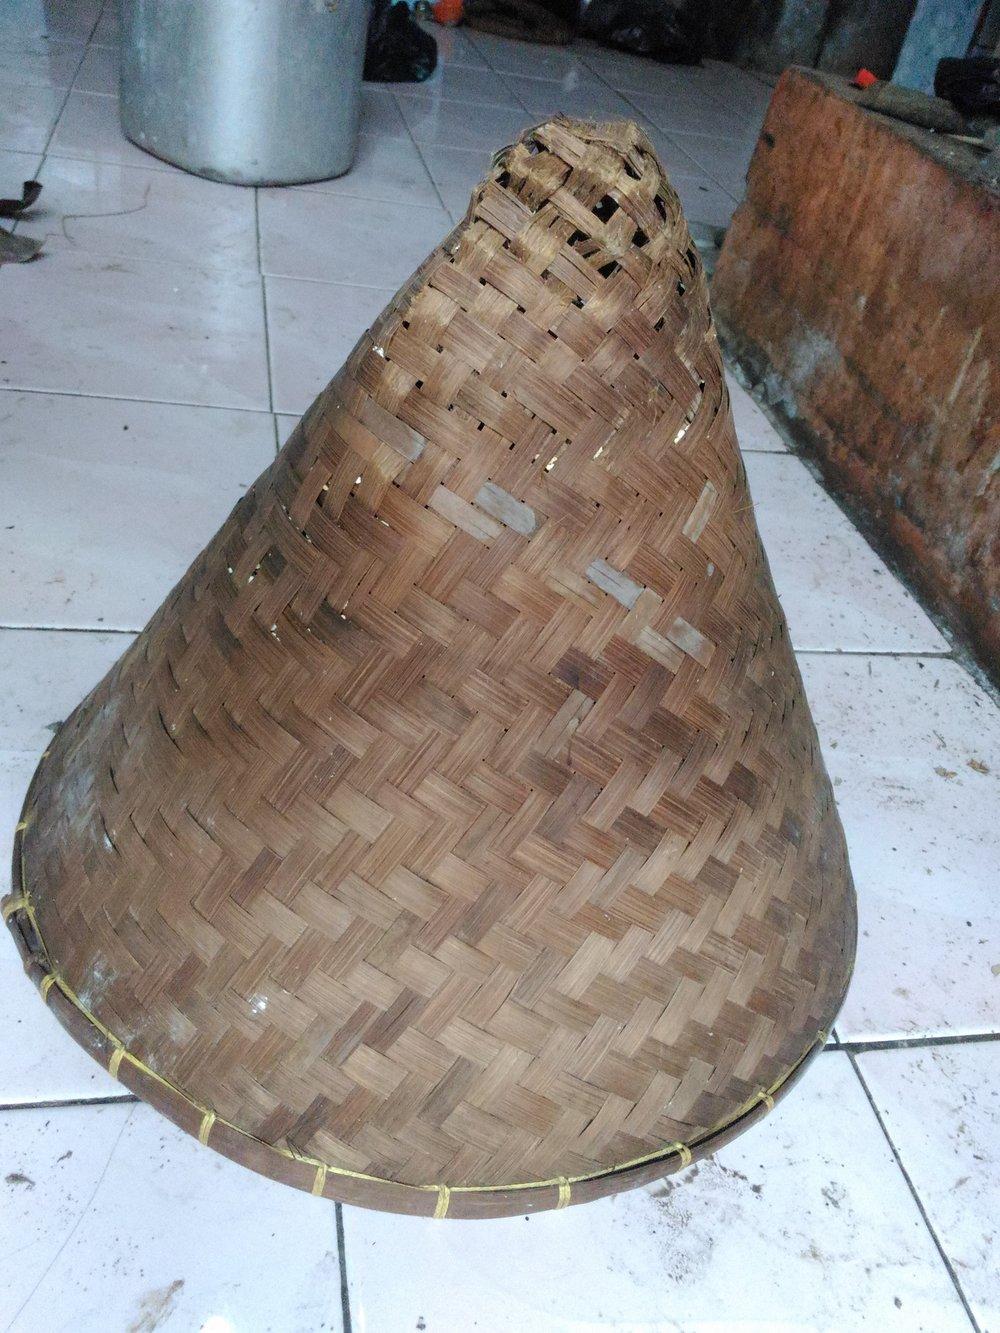 Basa Sunda: Aseupan. By Uchup19. [CC BY-SA 3.0]. Via Wikimedia Commons